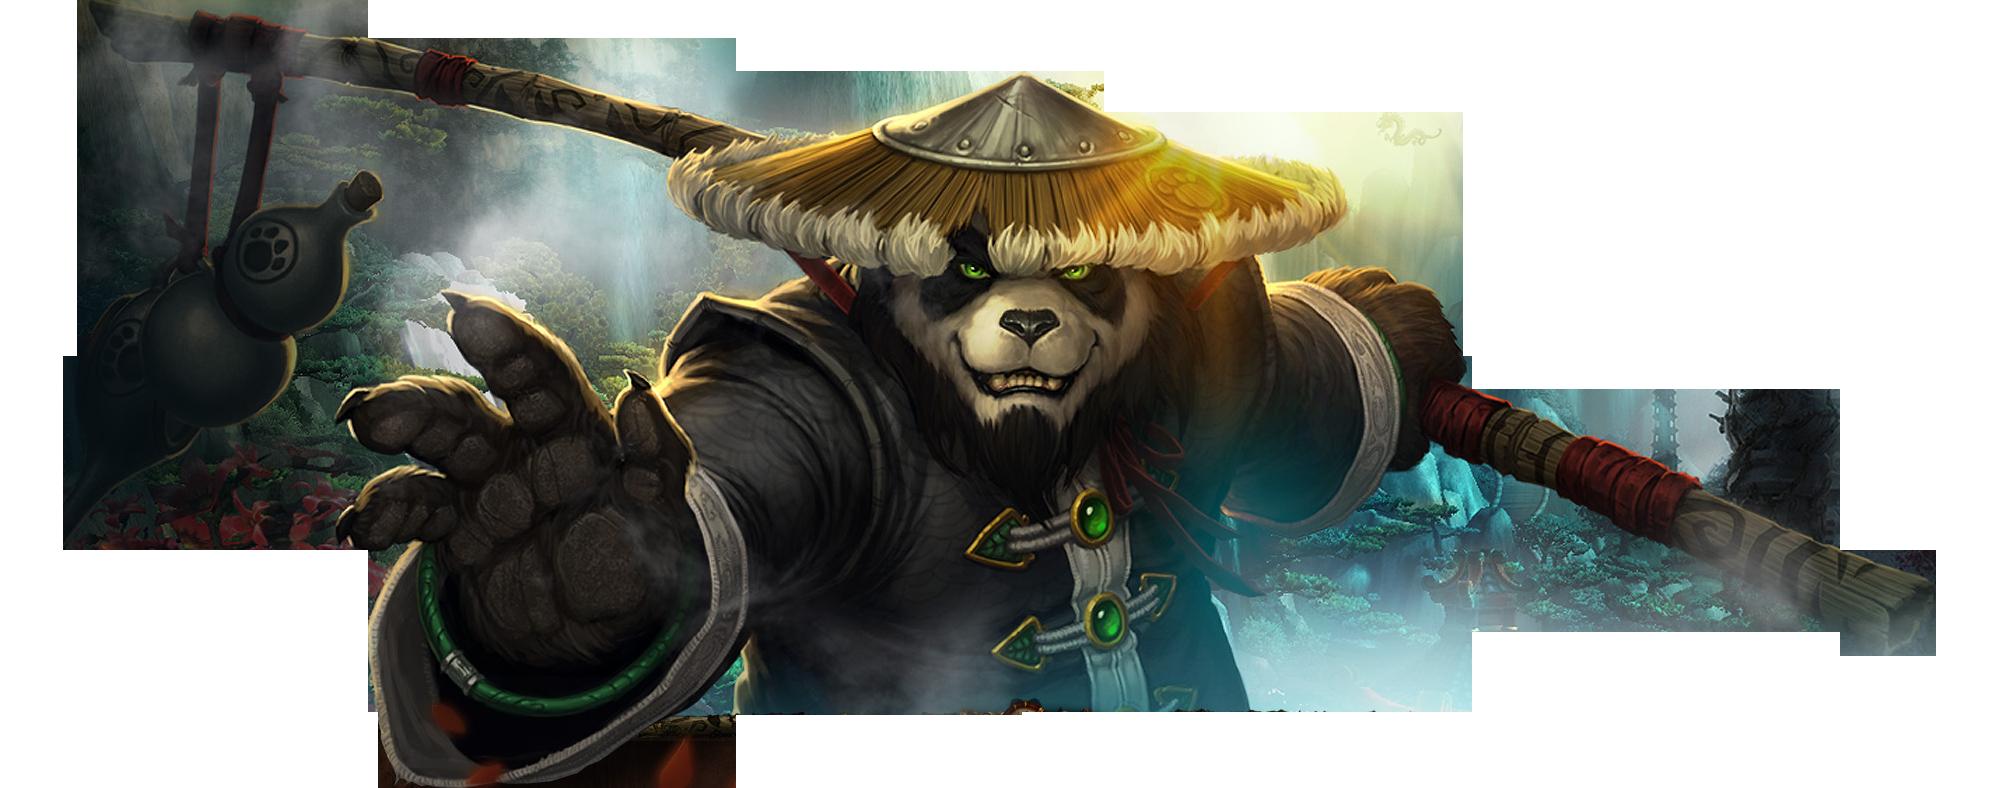 World_of_warcraft_pandaria_render_by_outlawninja-d4ujy4z.png - World Of Warcraft PNG